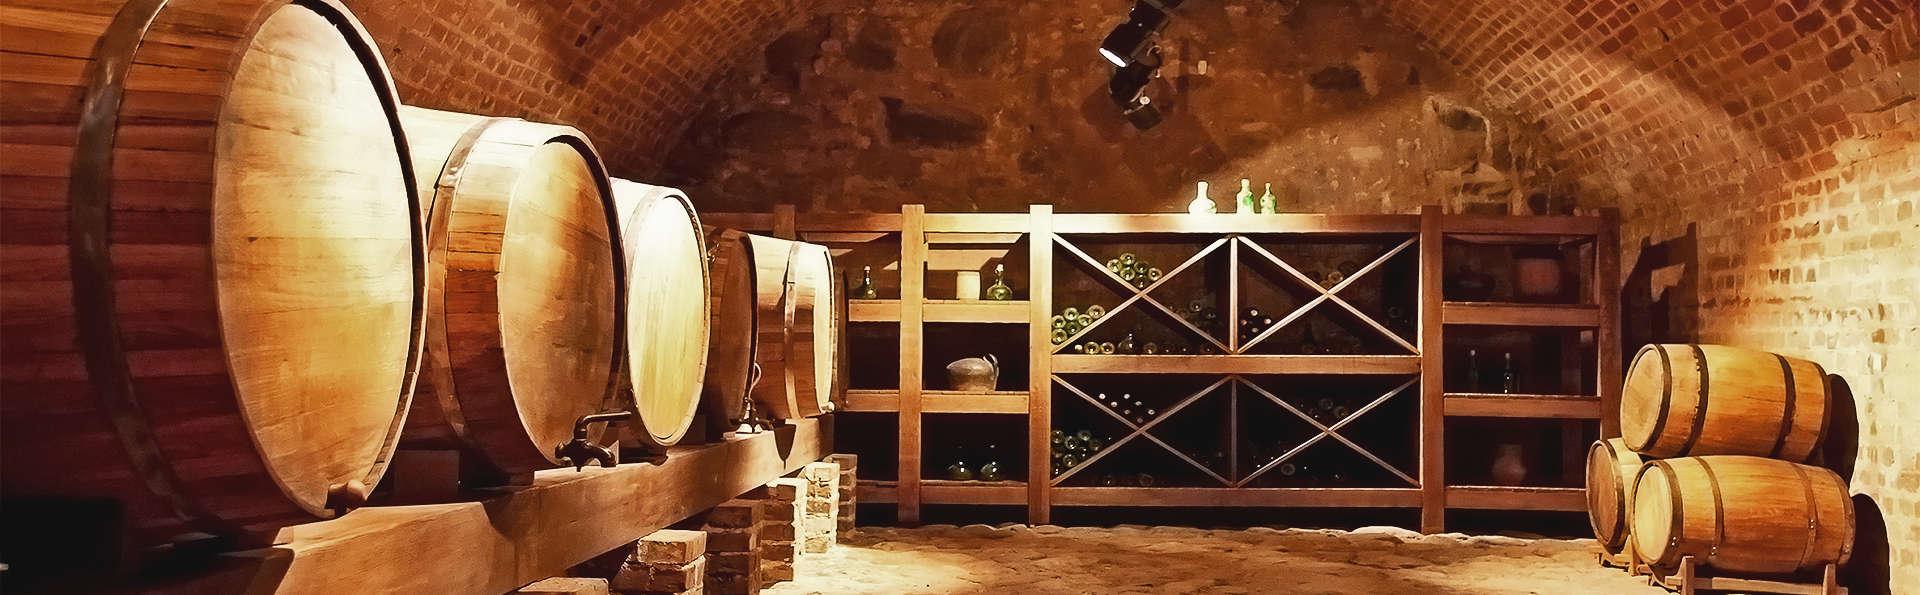 Visite de cava et dégustation de vin près de Valladolid